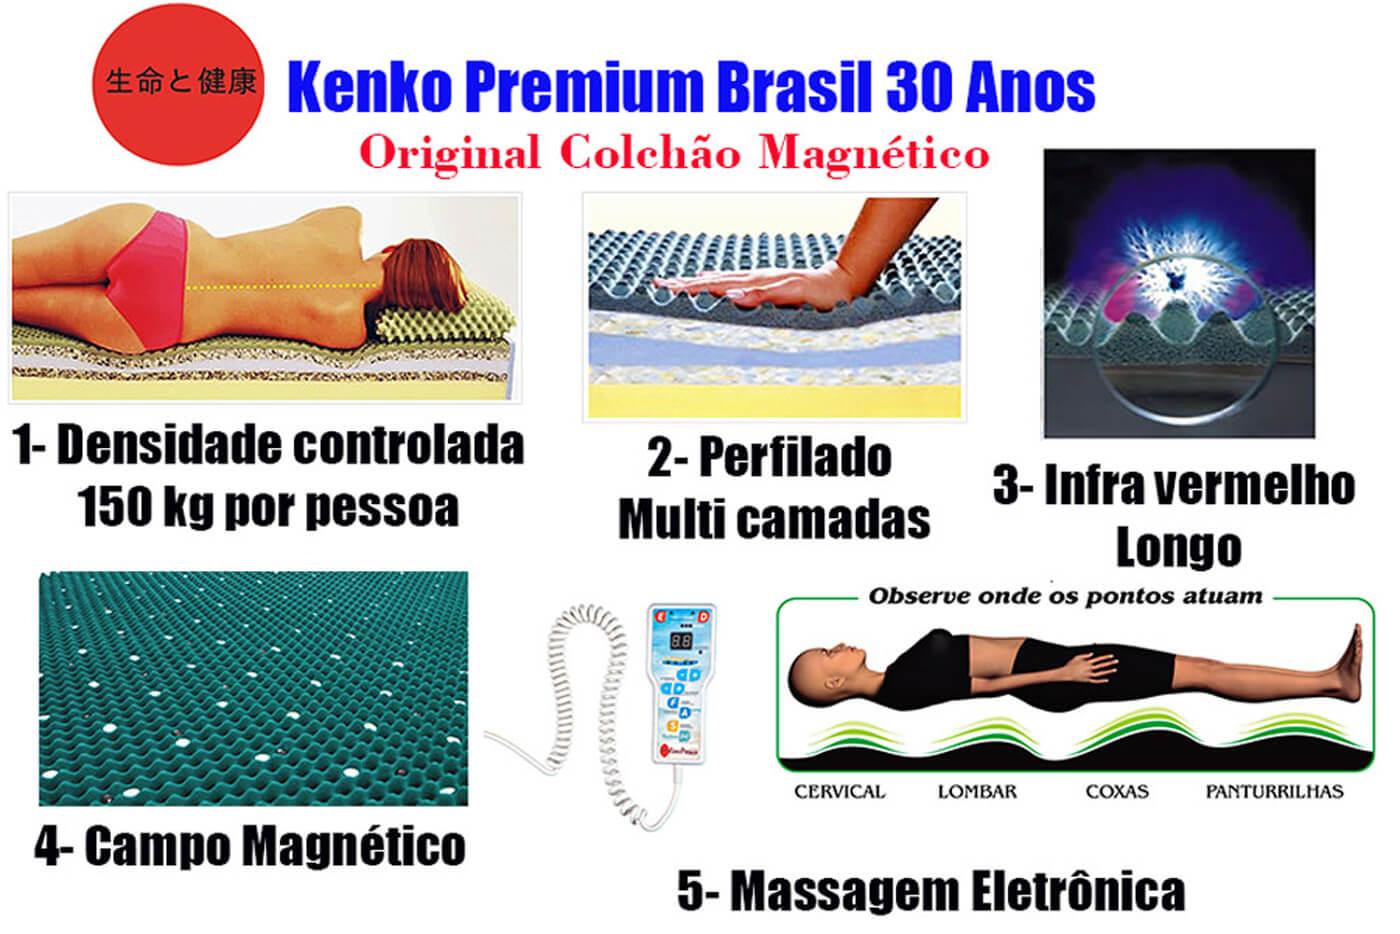 Colchão Magnético King Size 1,93x2,03x30cm Kenko Premium Gold C/Massageador Bioquãntico + Cromoterapia Linha Exportação  - Kenko Premium Colchões